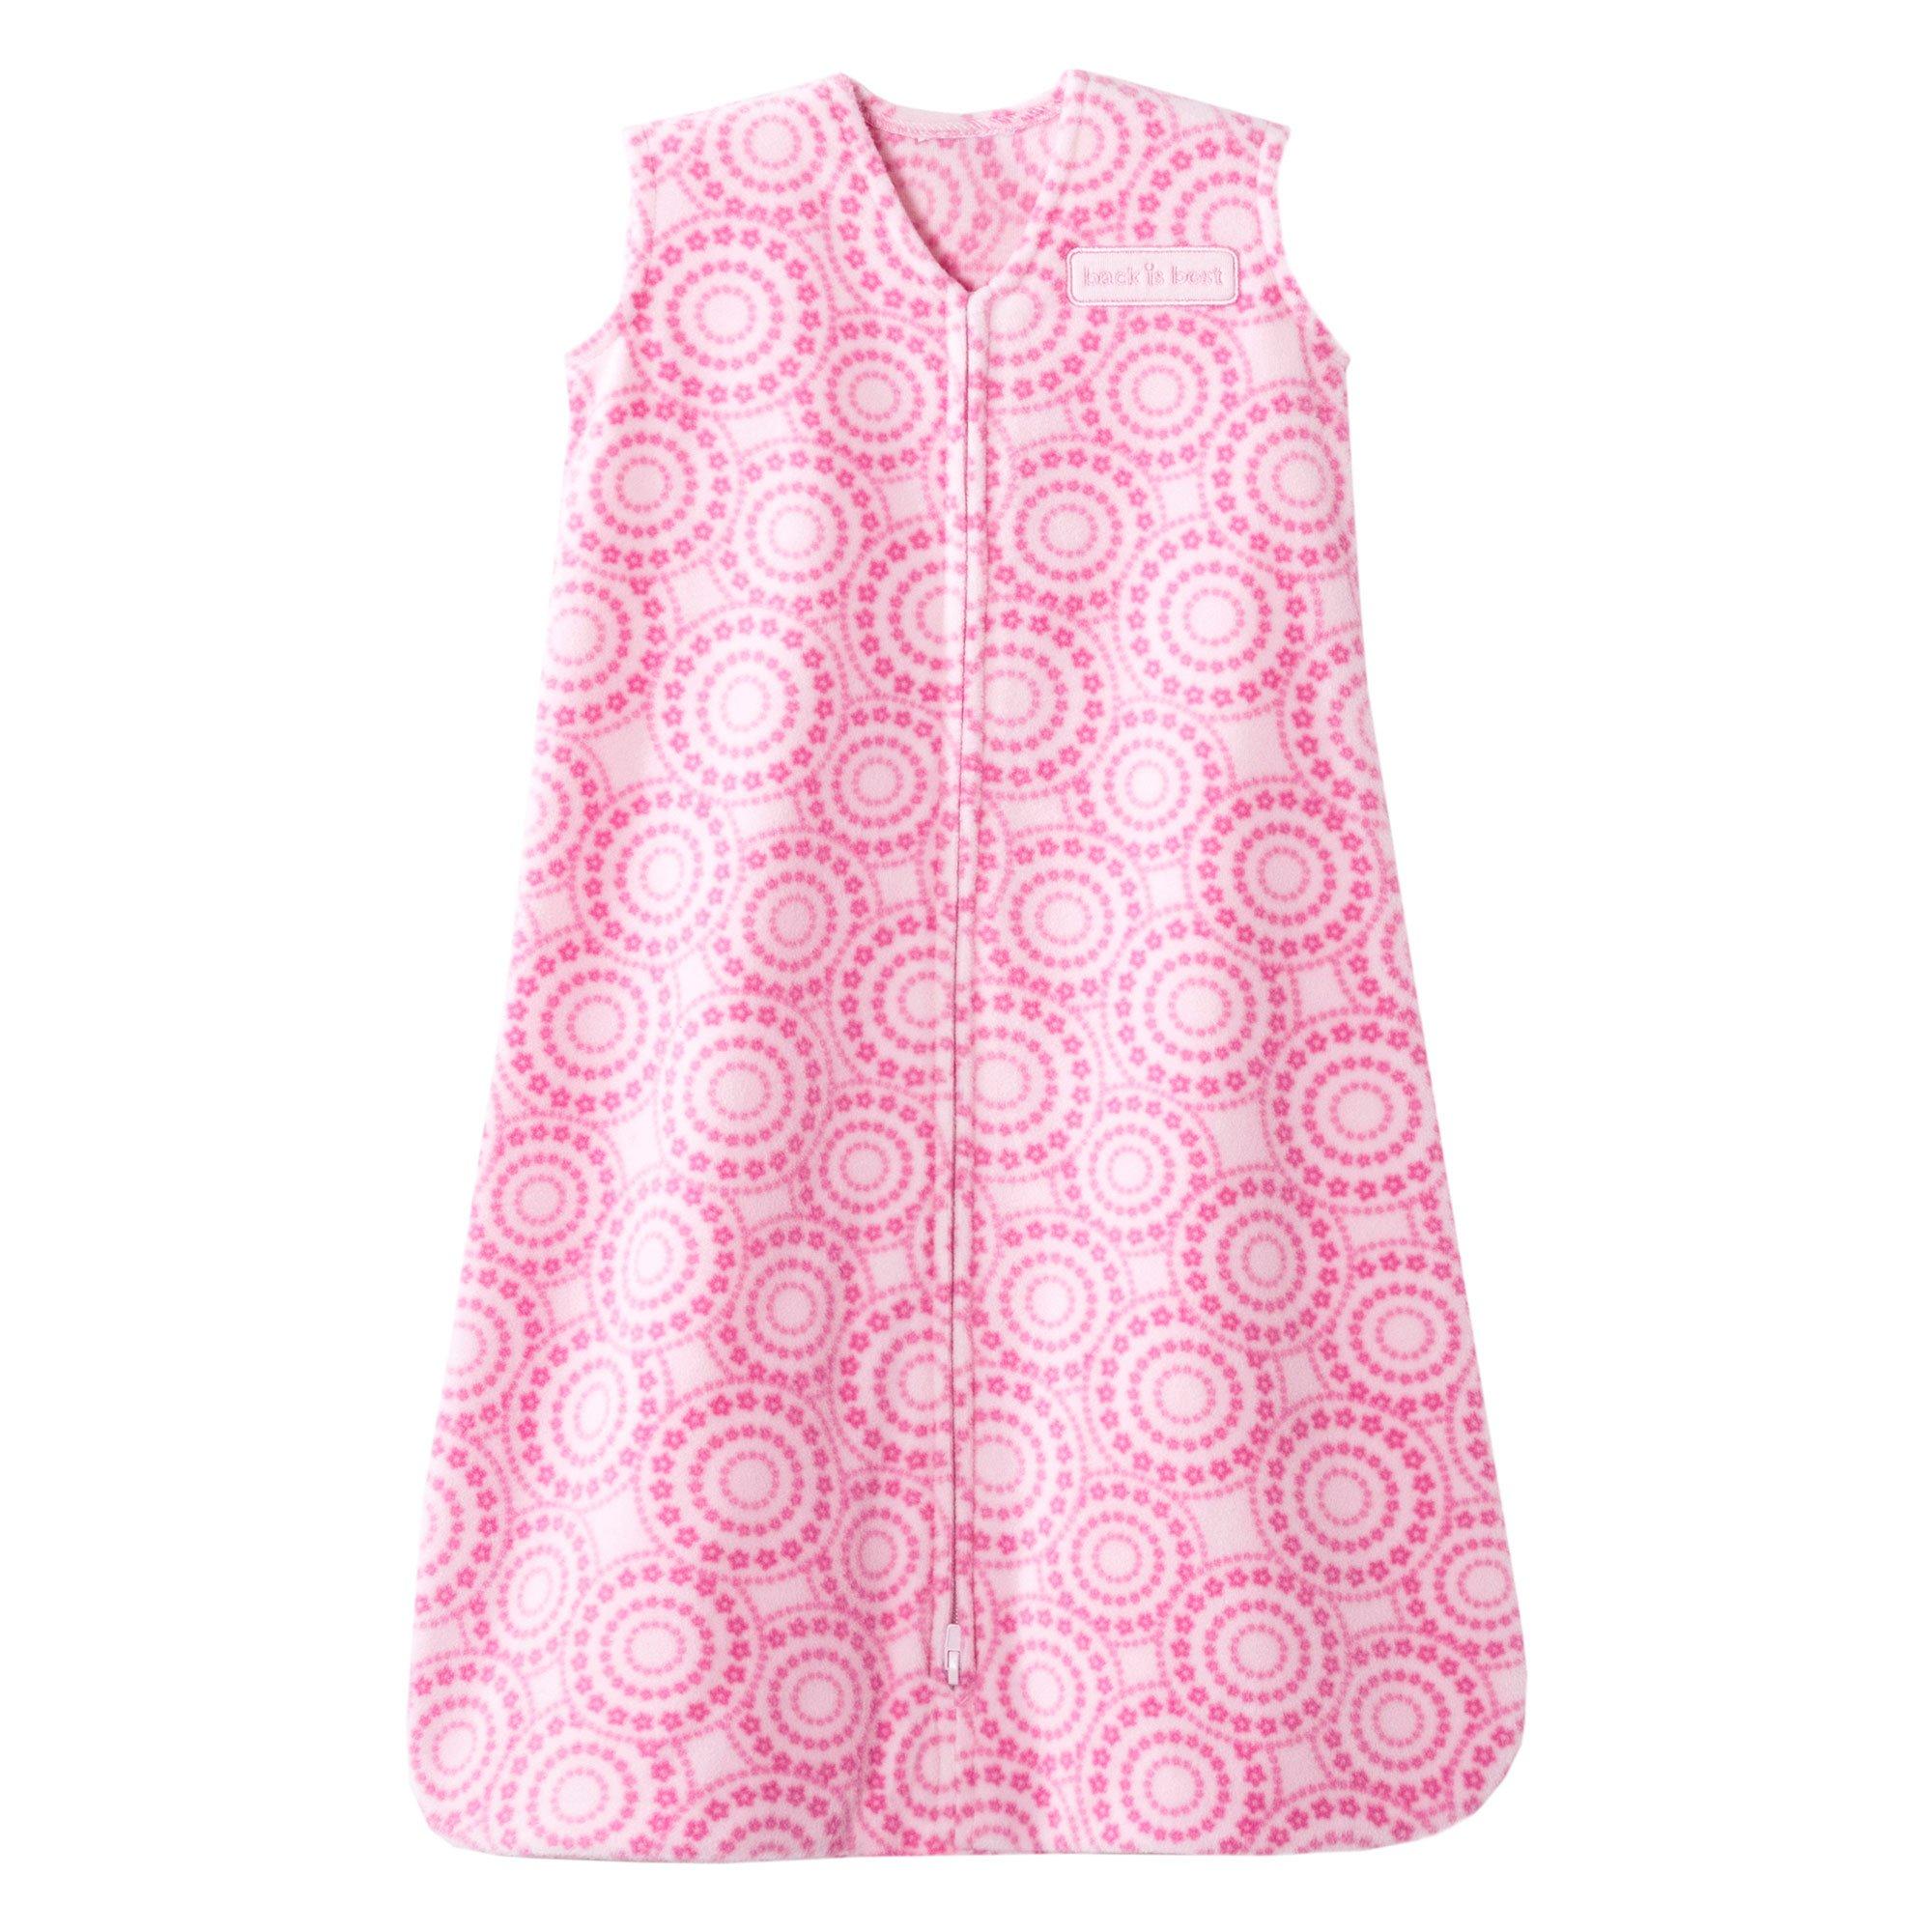 Halo Sleepsack Micro-Fleece Wearable Baby Blanket, Petal Swirl Pink, Small